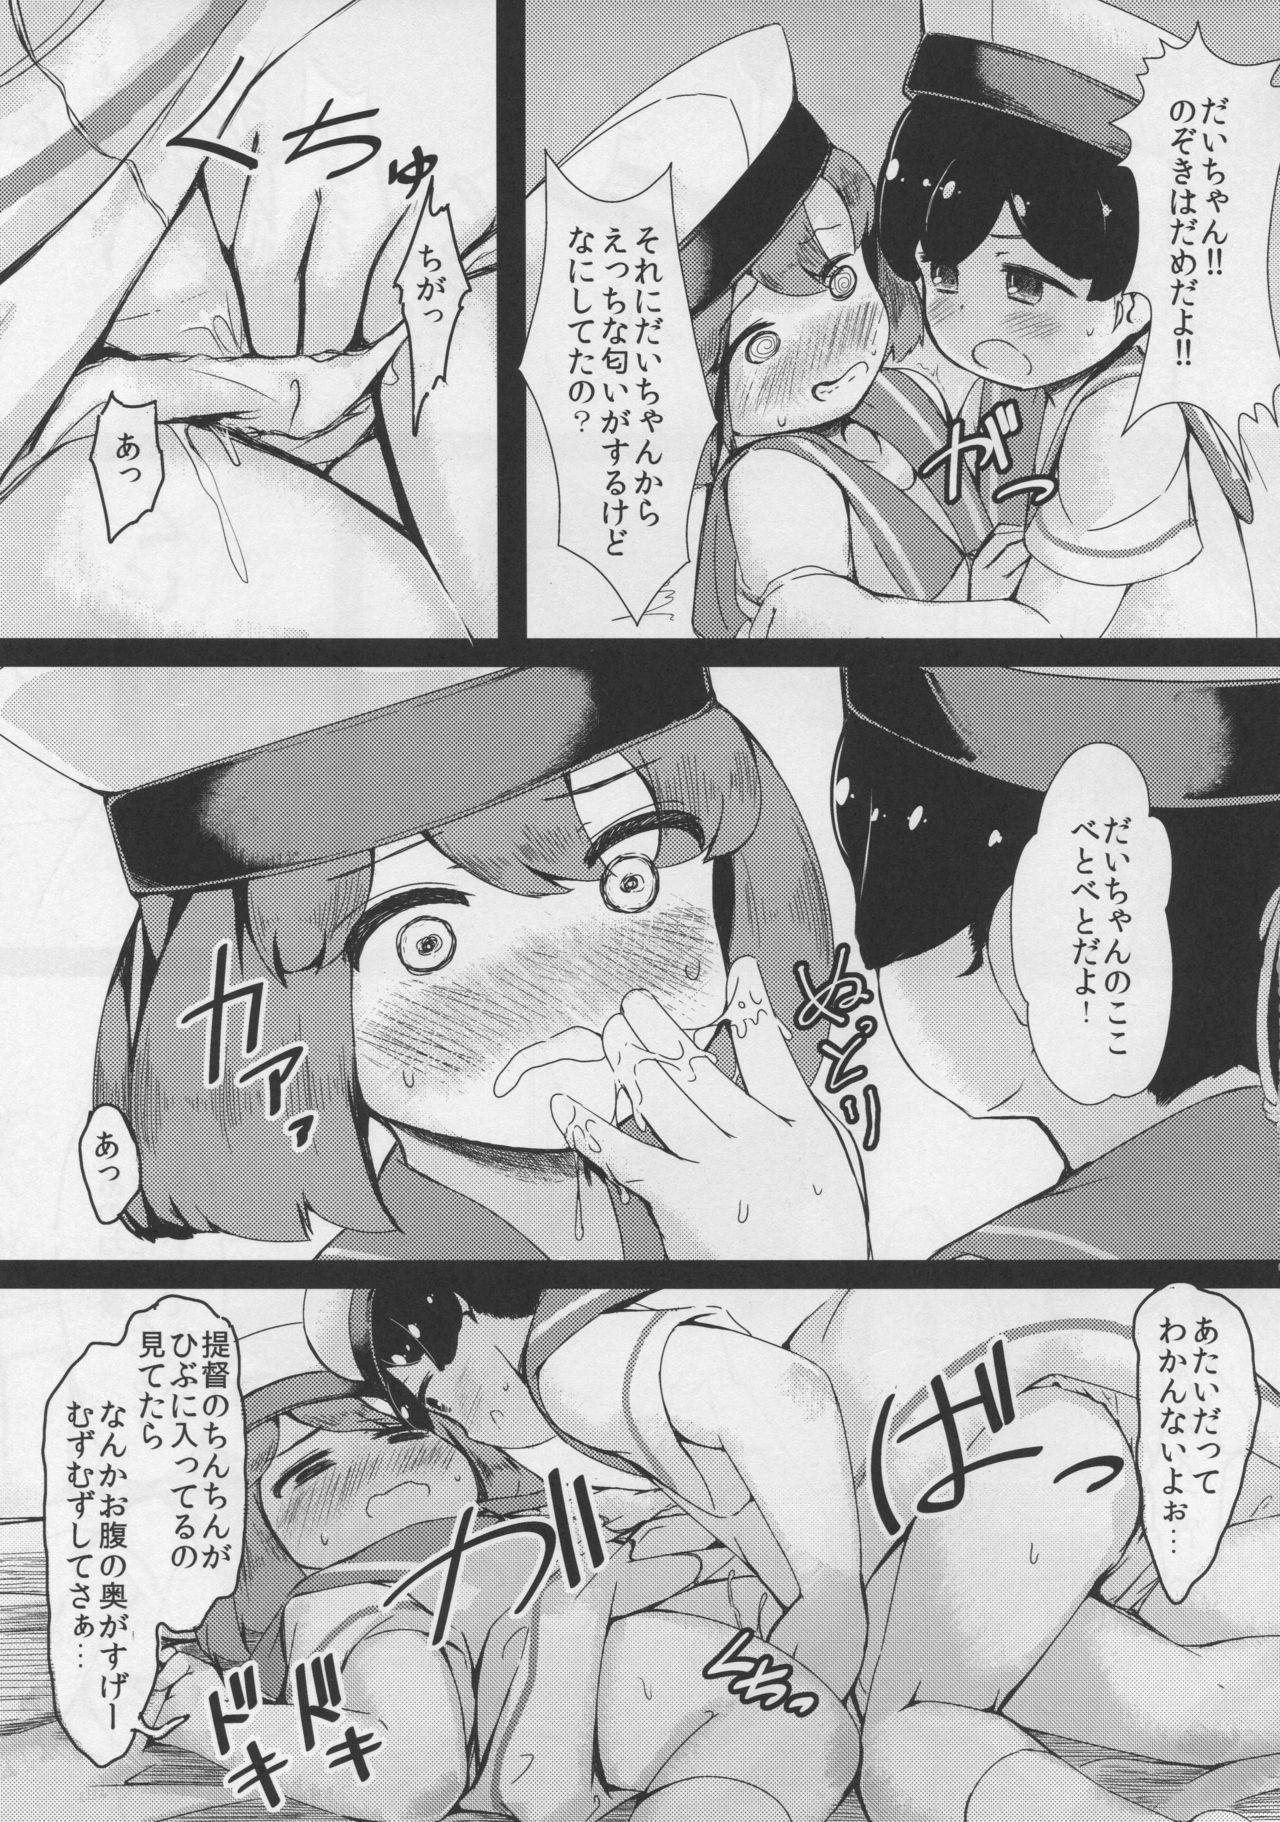 Daitou to Hiburi to Kimochi no Ii Koto 11